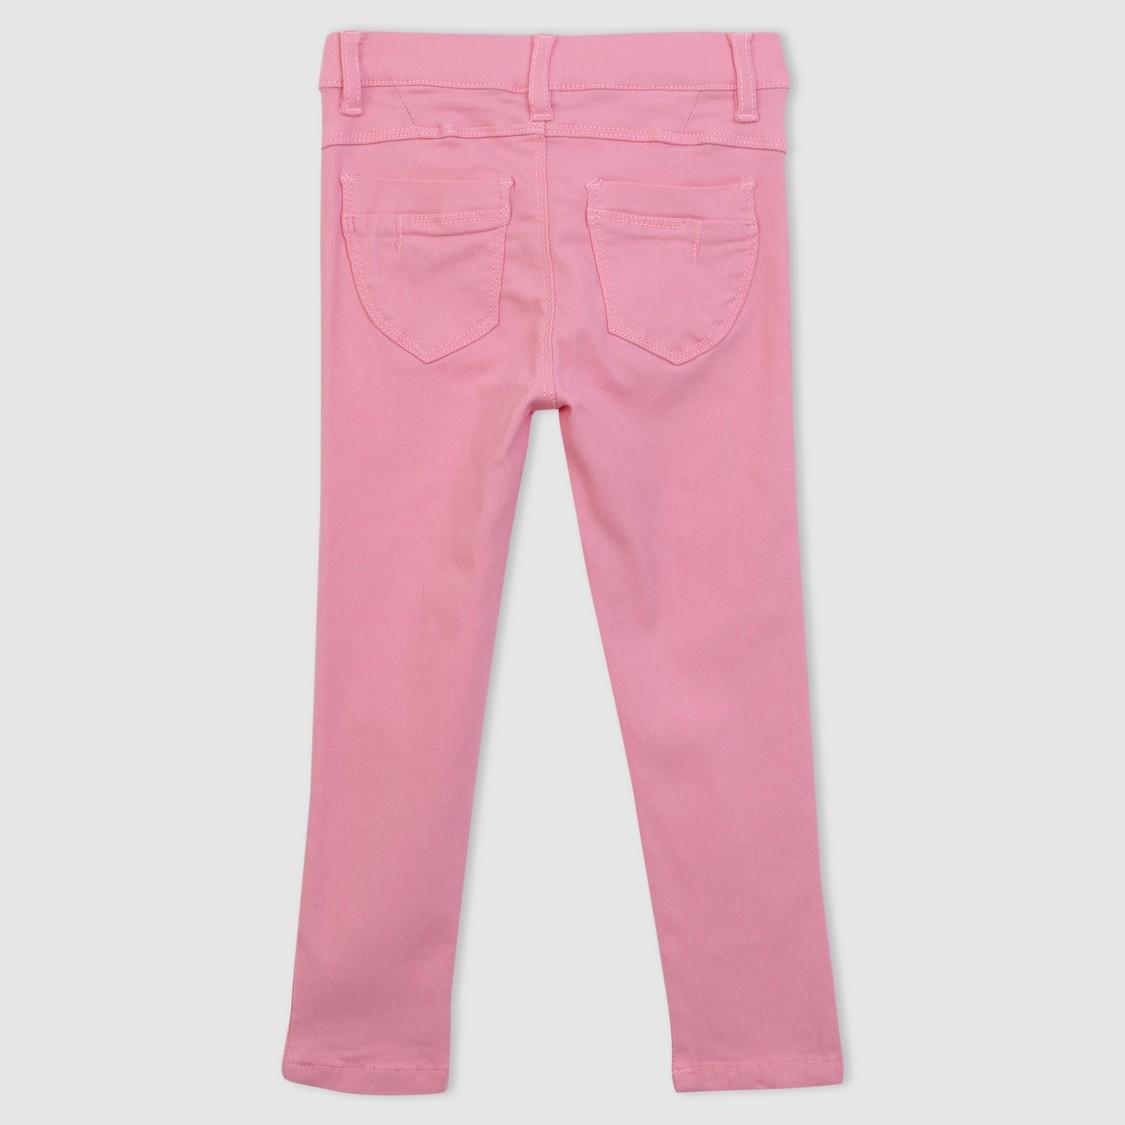 Full Length Pull On Pants